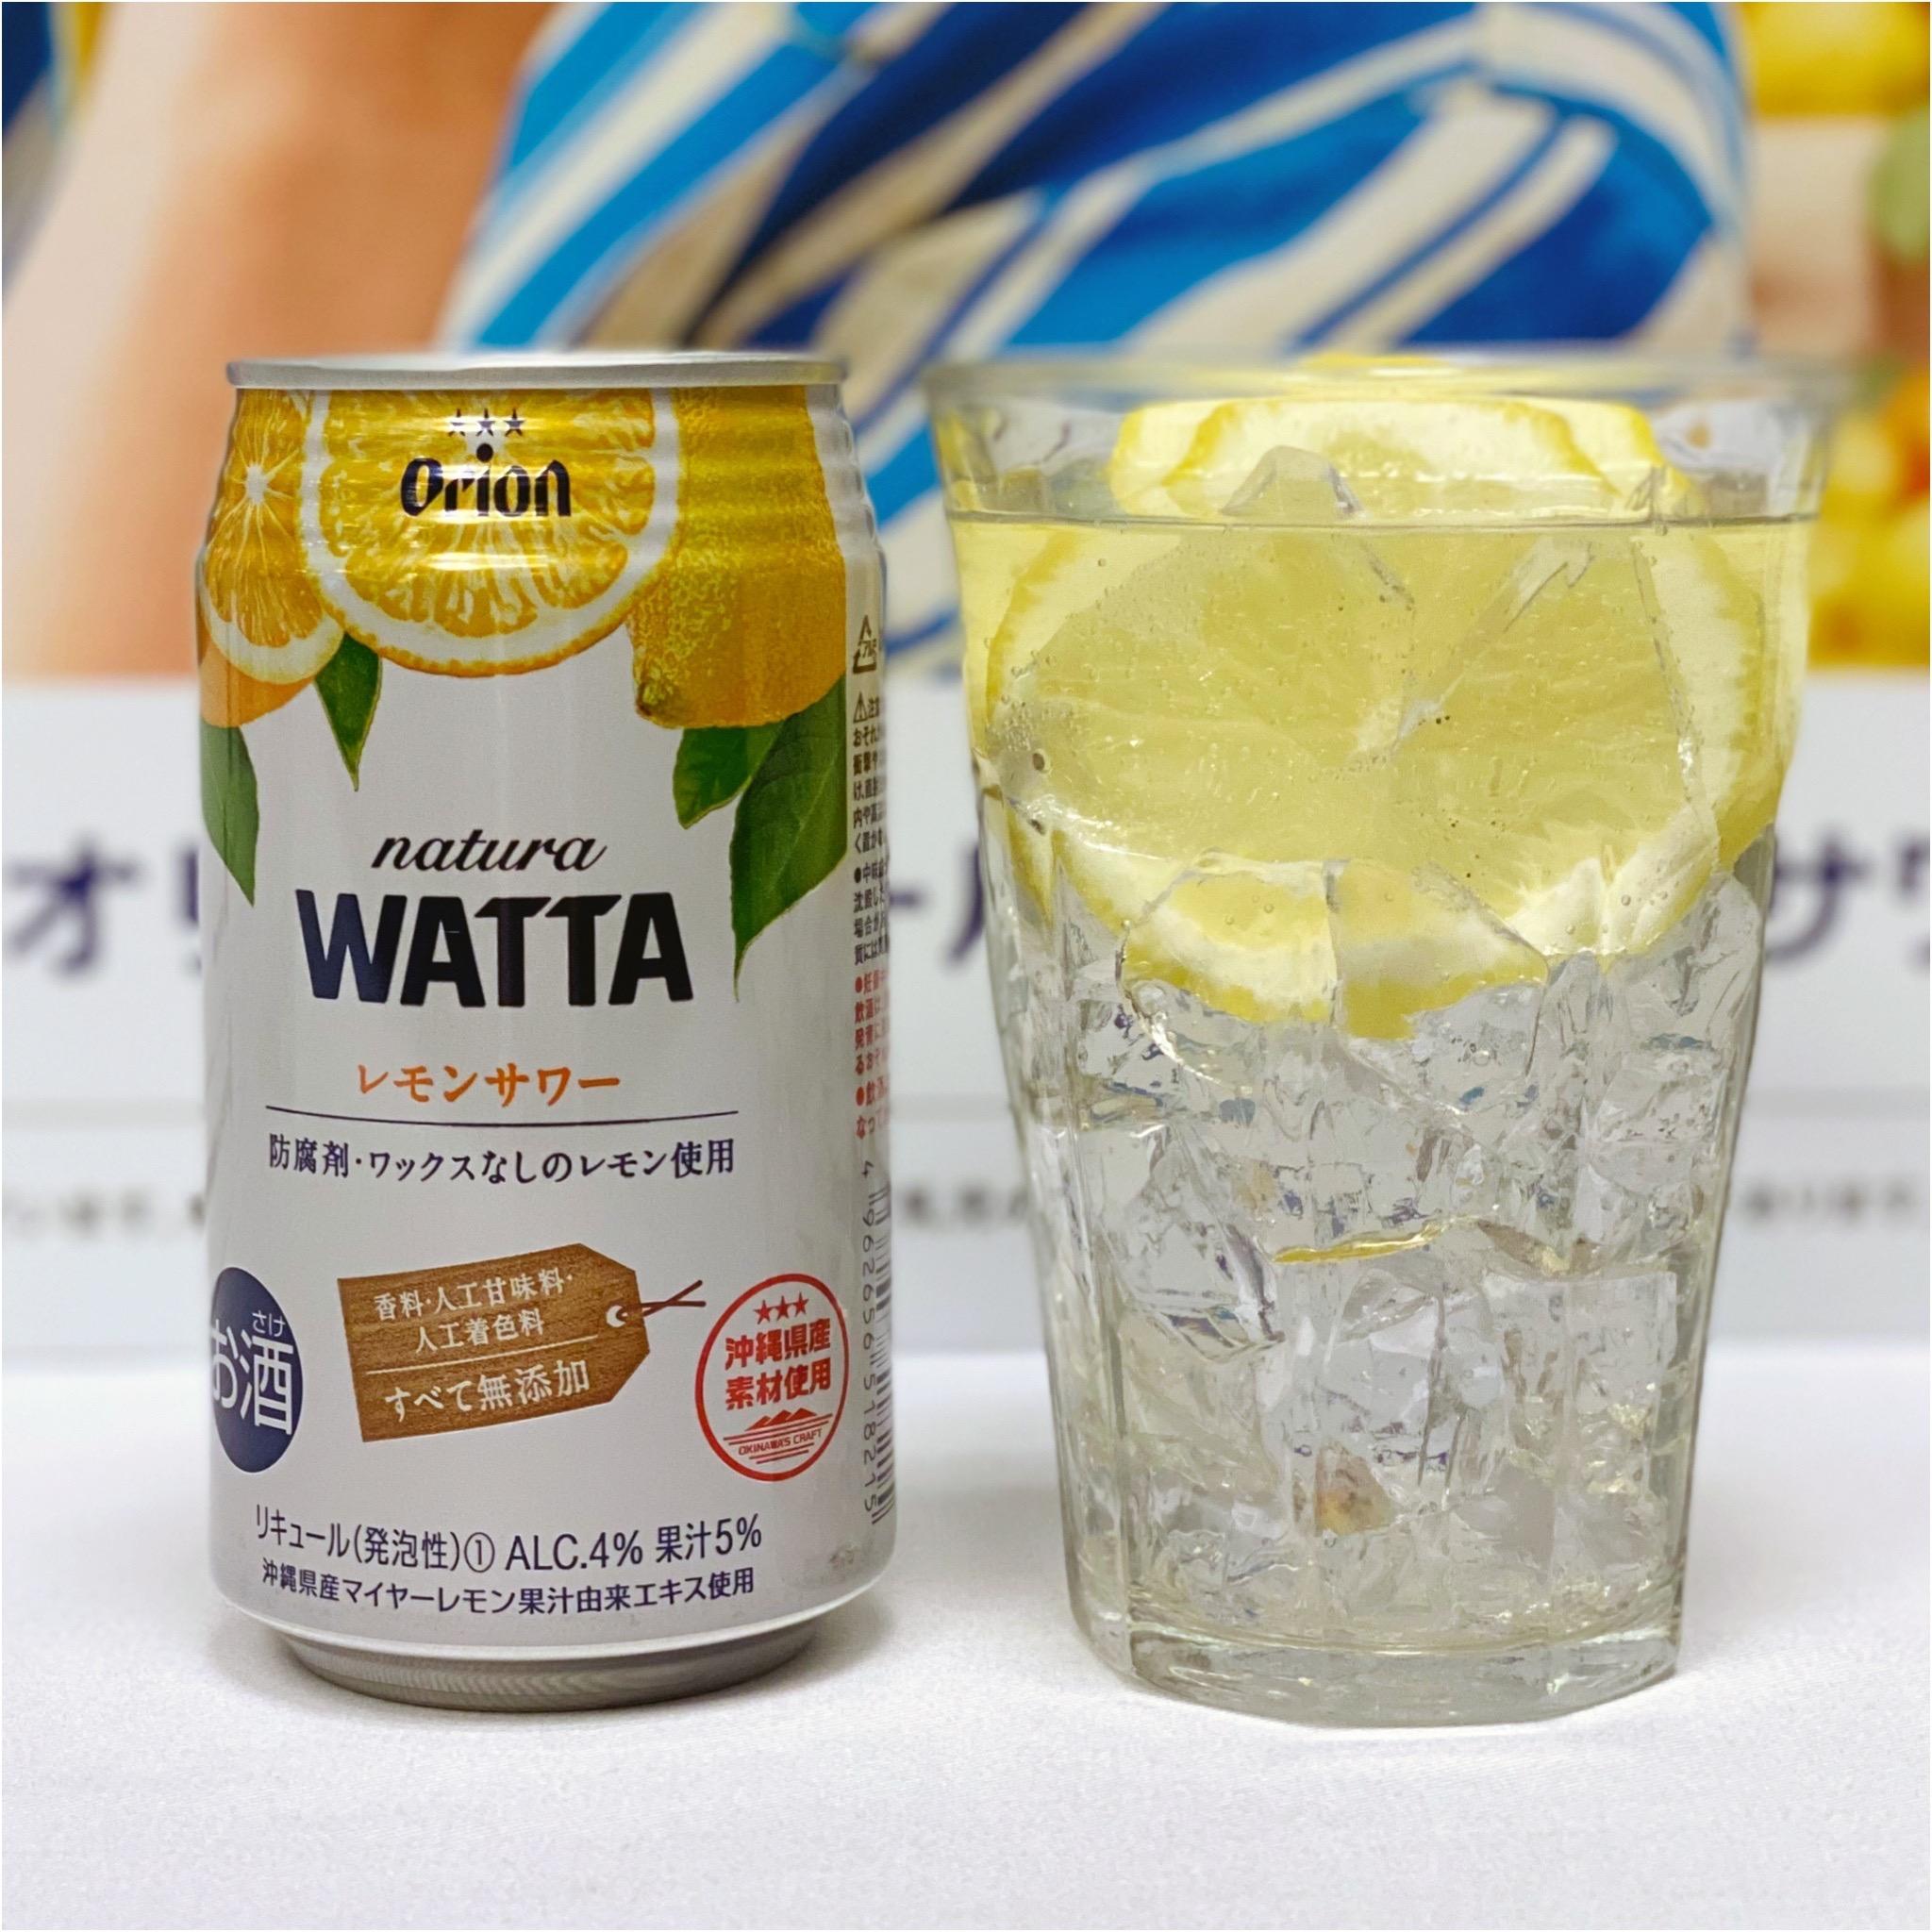 オリオンビールのチューハイWATTAワッタナチュラレモン